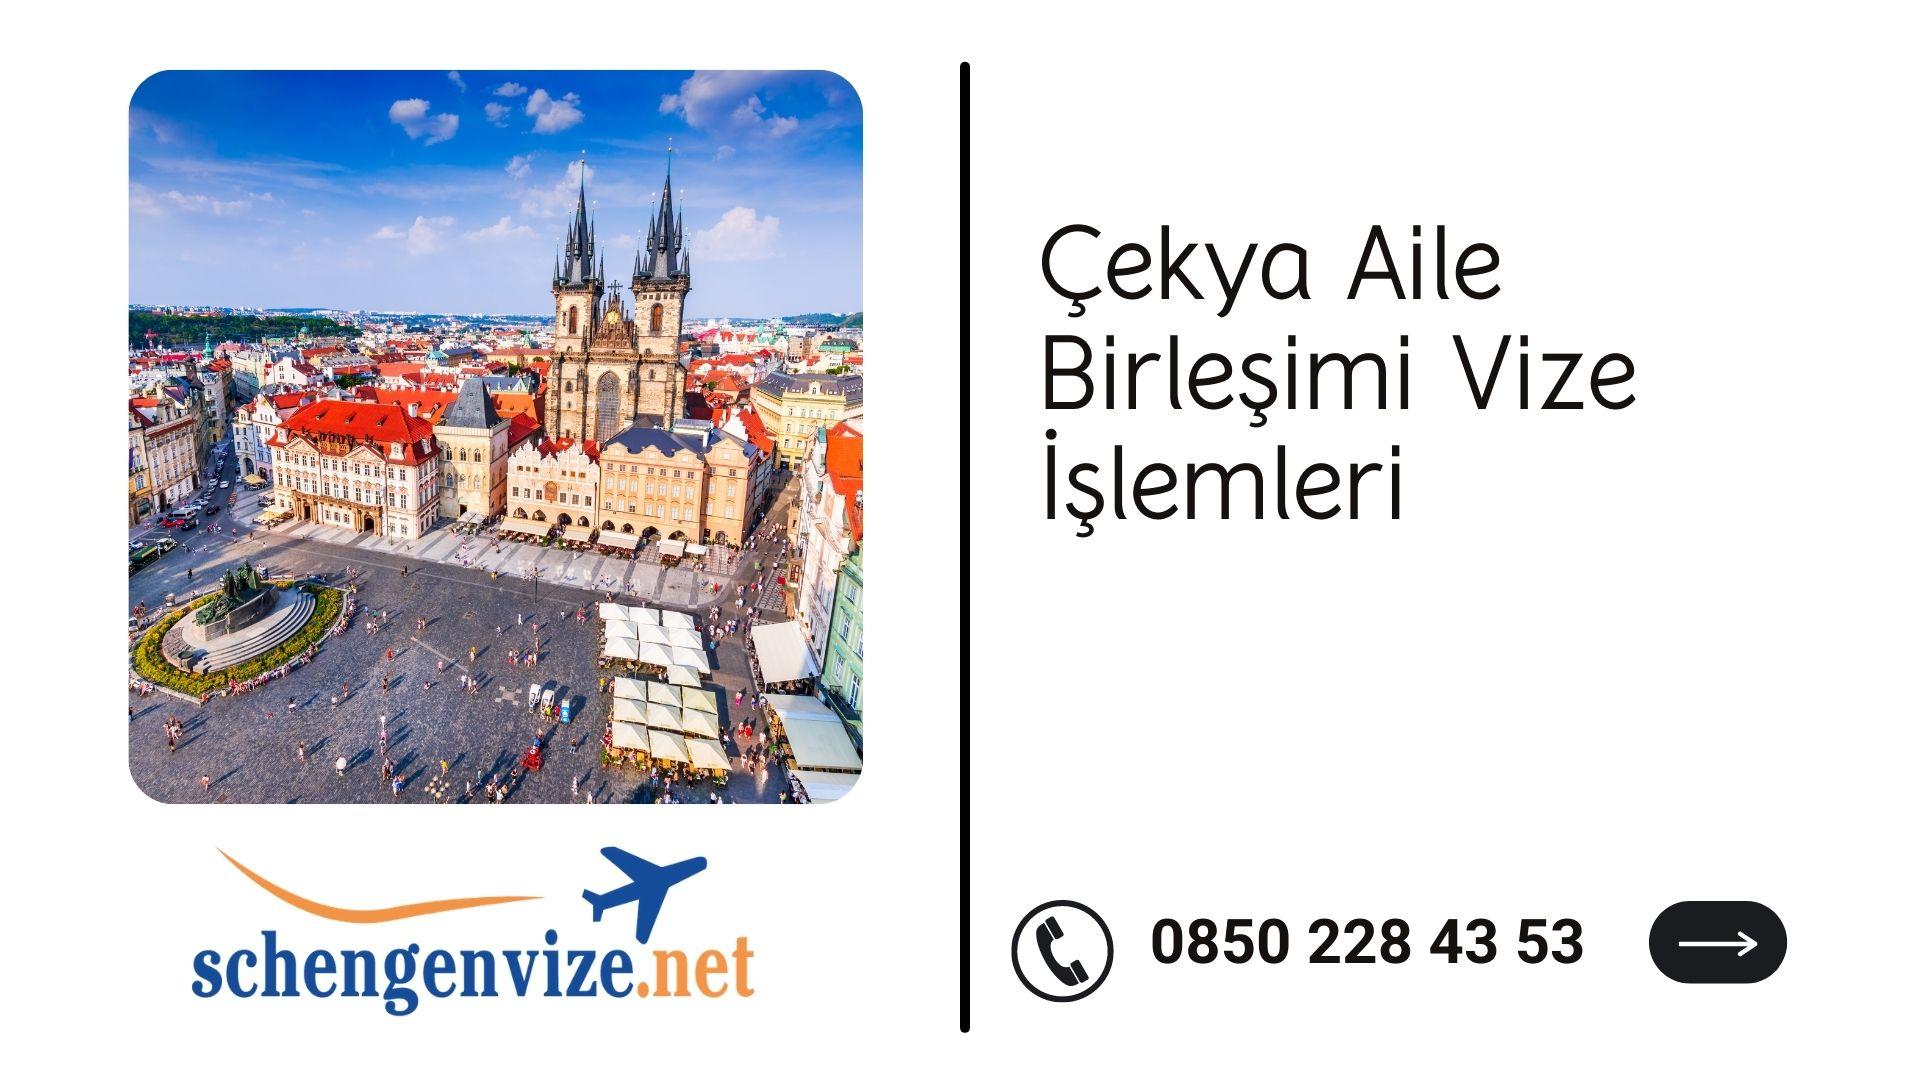 Çekya Aile Birleşimi Vize İşlemleri